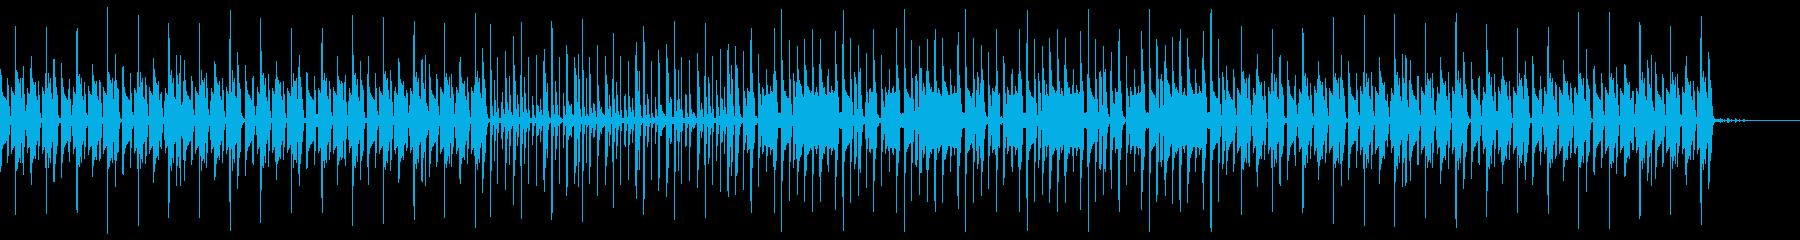 うねるベースラインが効いたレゲエサウンドの再生済みの波形